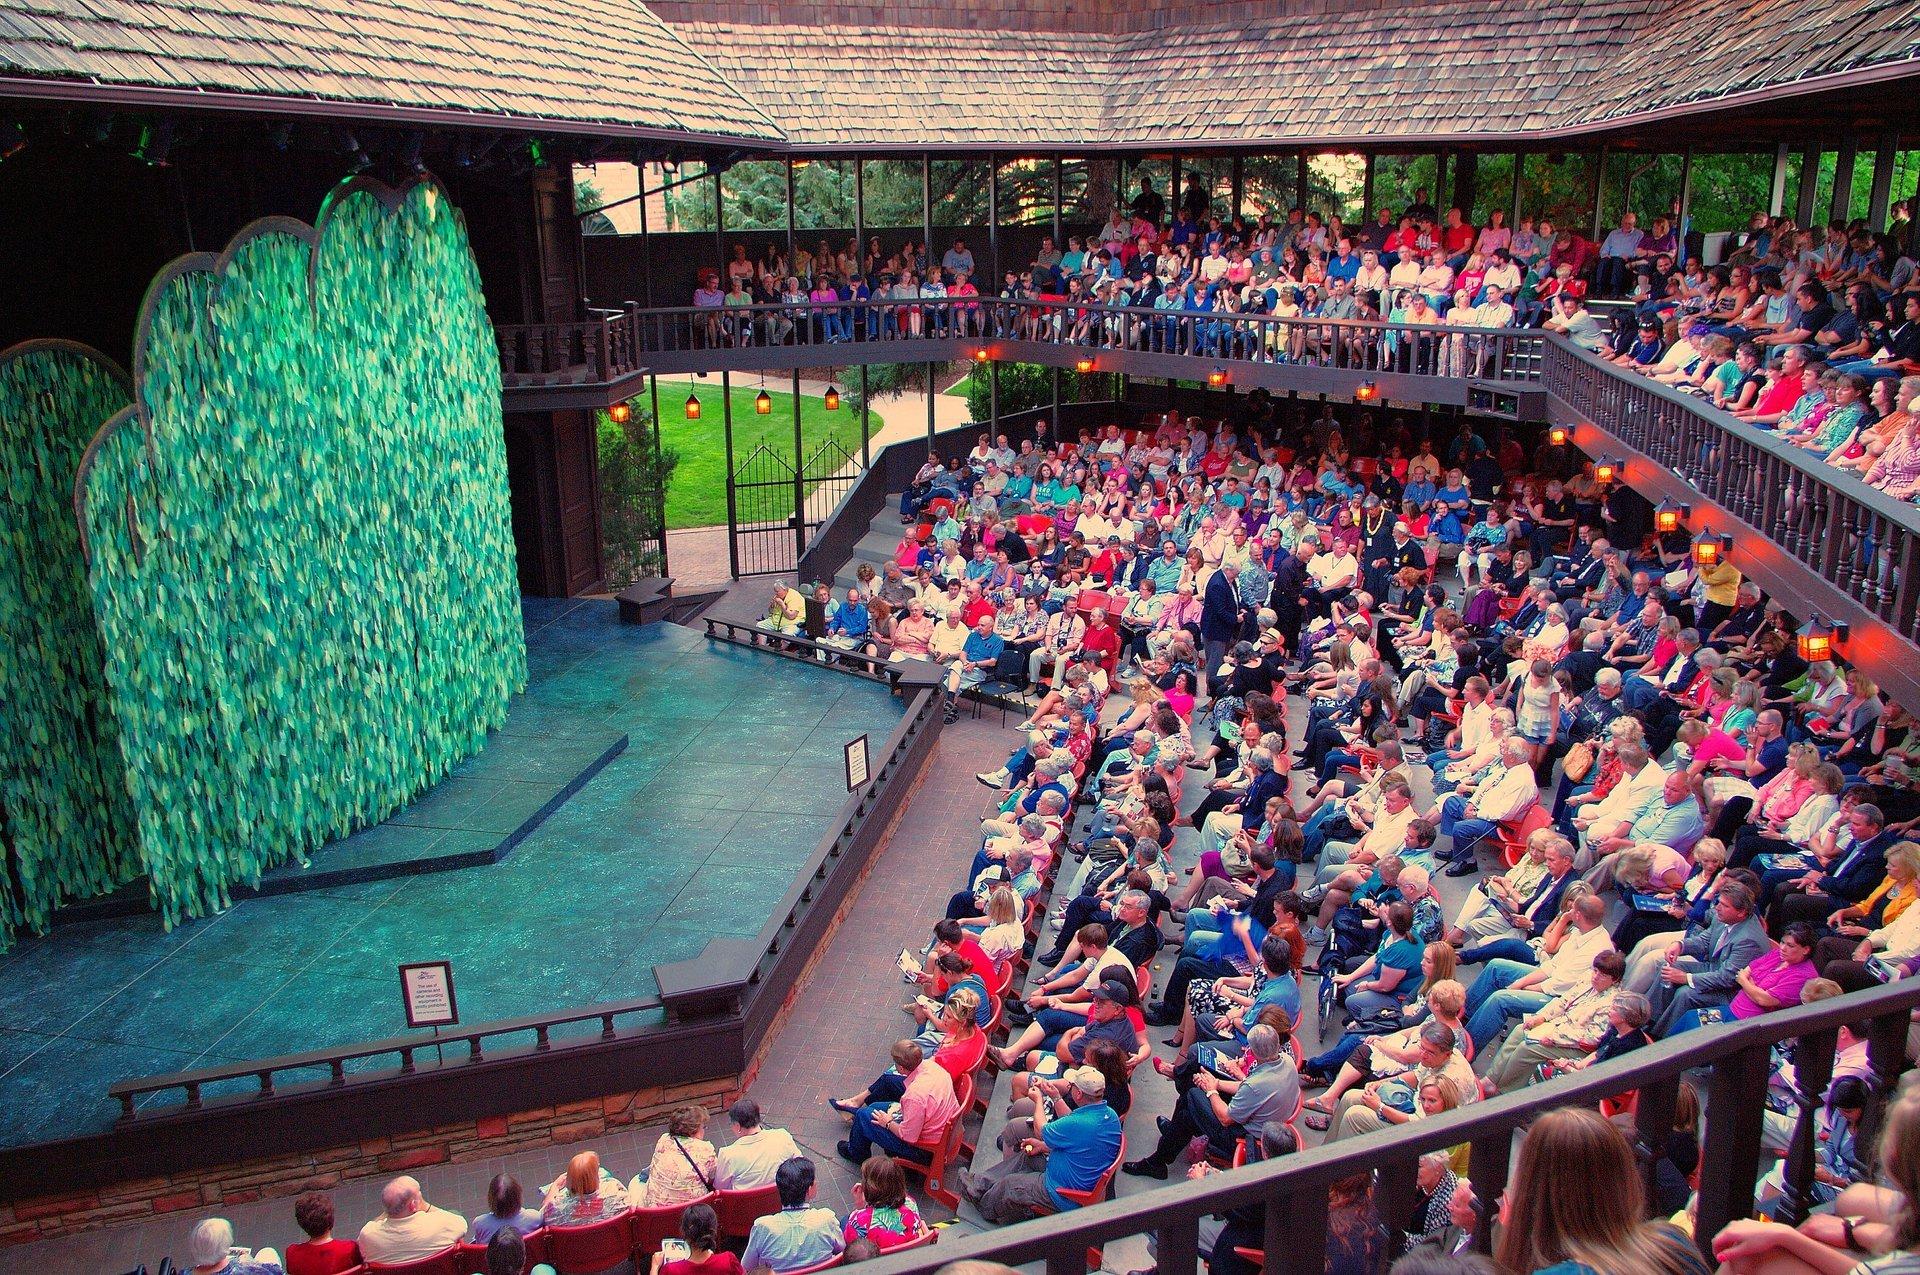 Utah Shakespeare Festival in Utah 2020 - Best Time